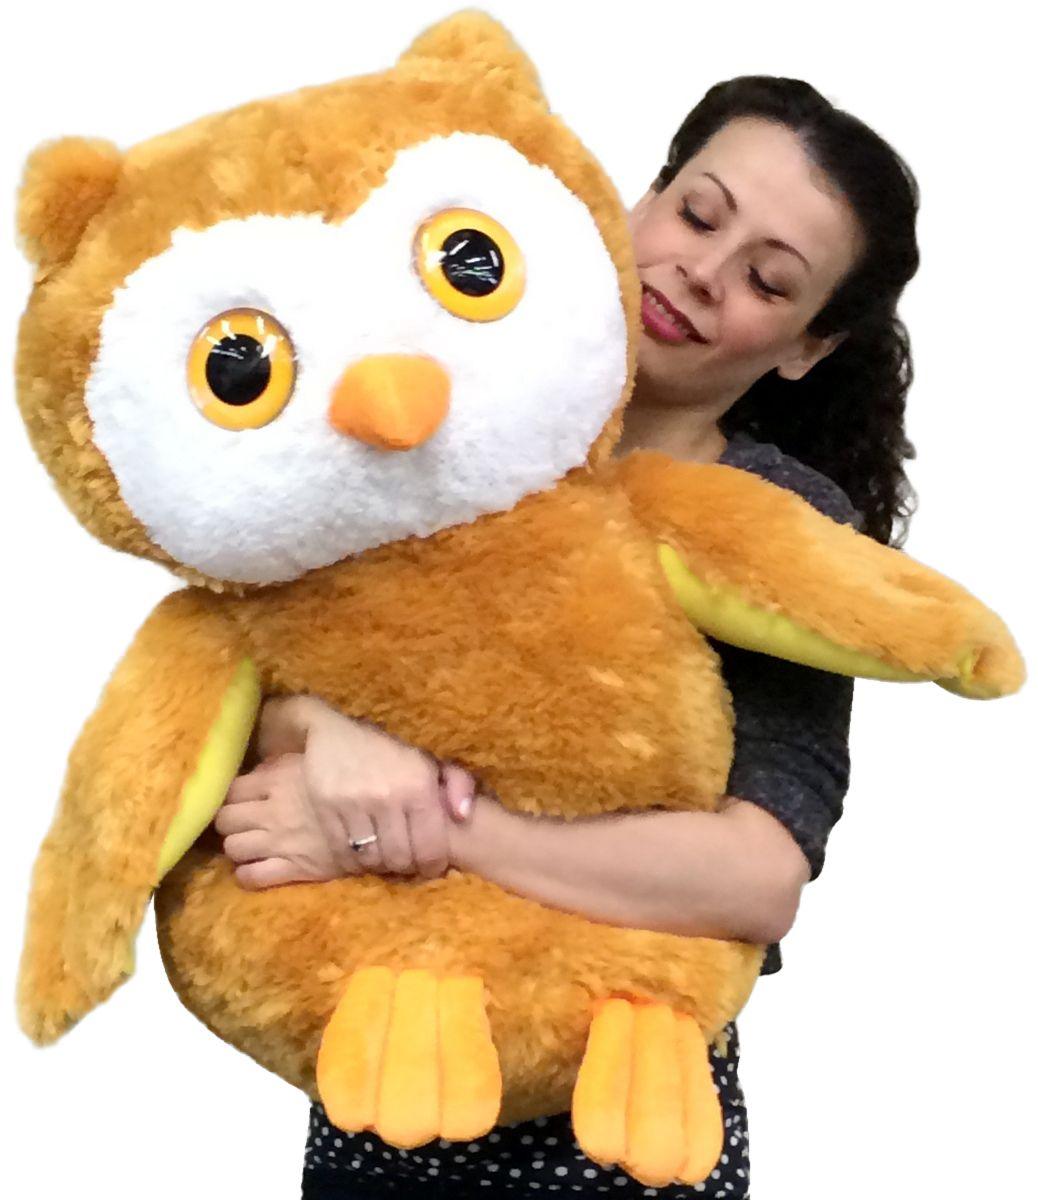 15+ Stuffed animals with big eyes ideas